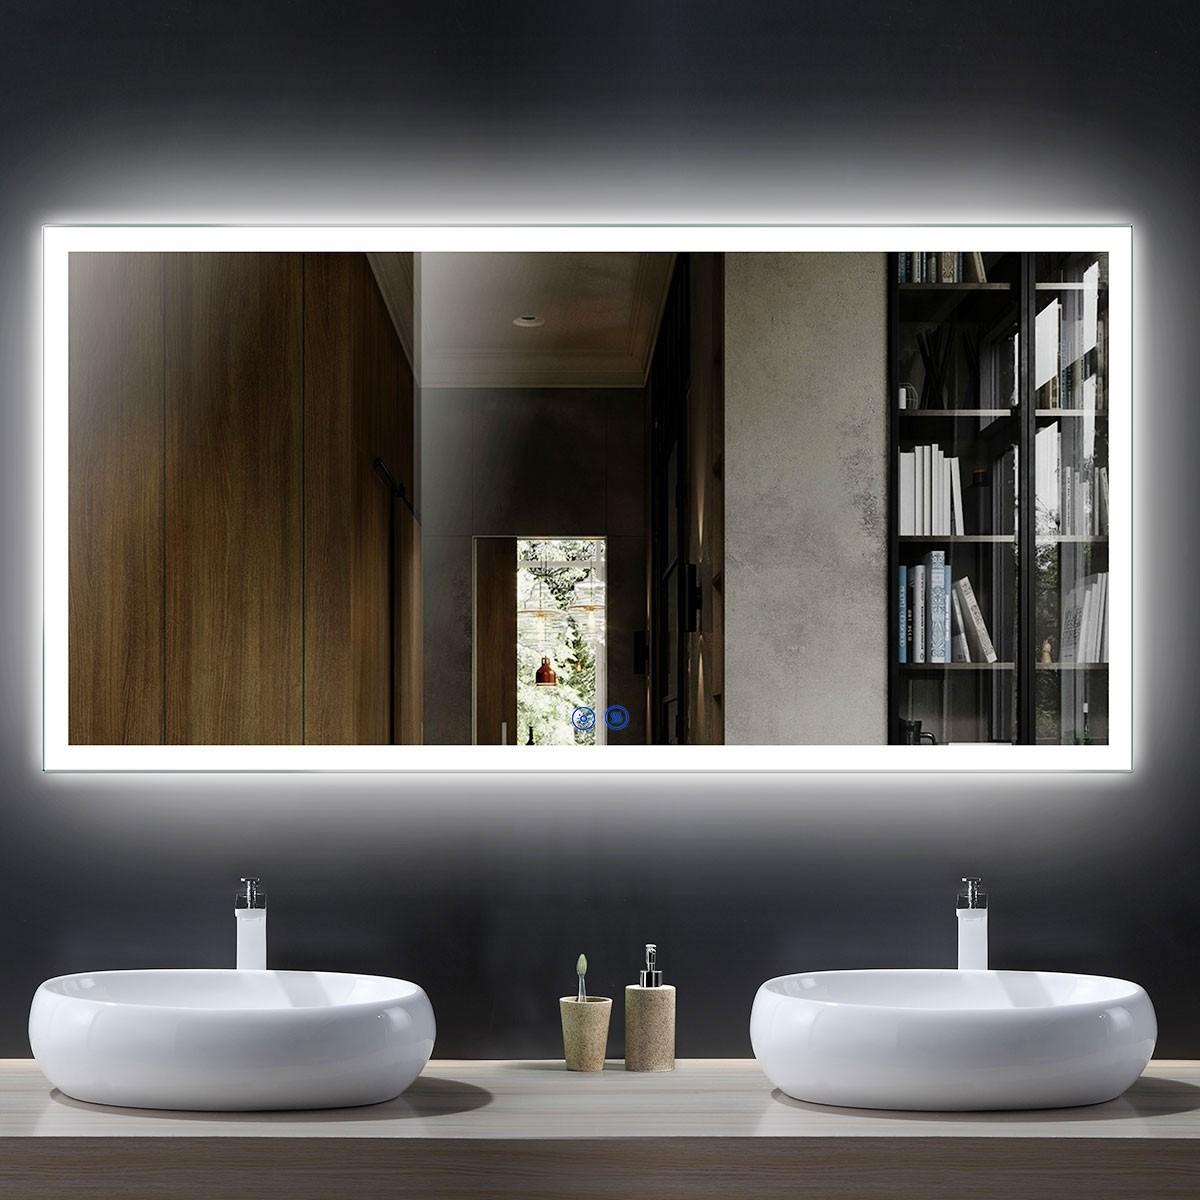 DECORAPORT 55 x 28 Po Miroir de Salle de Bain LED avec Bouton Tactile, Anti-Buée, Luminosité Réglable, Montage Vertical & Horizontal(D106-5528)